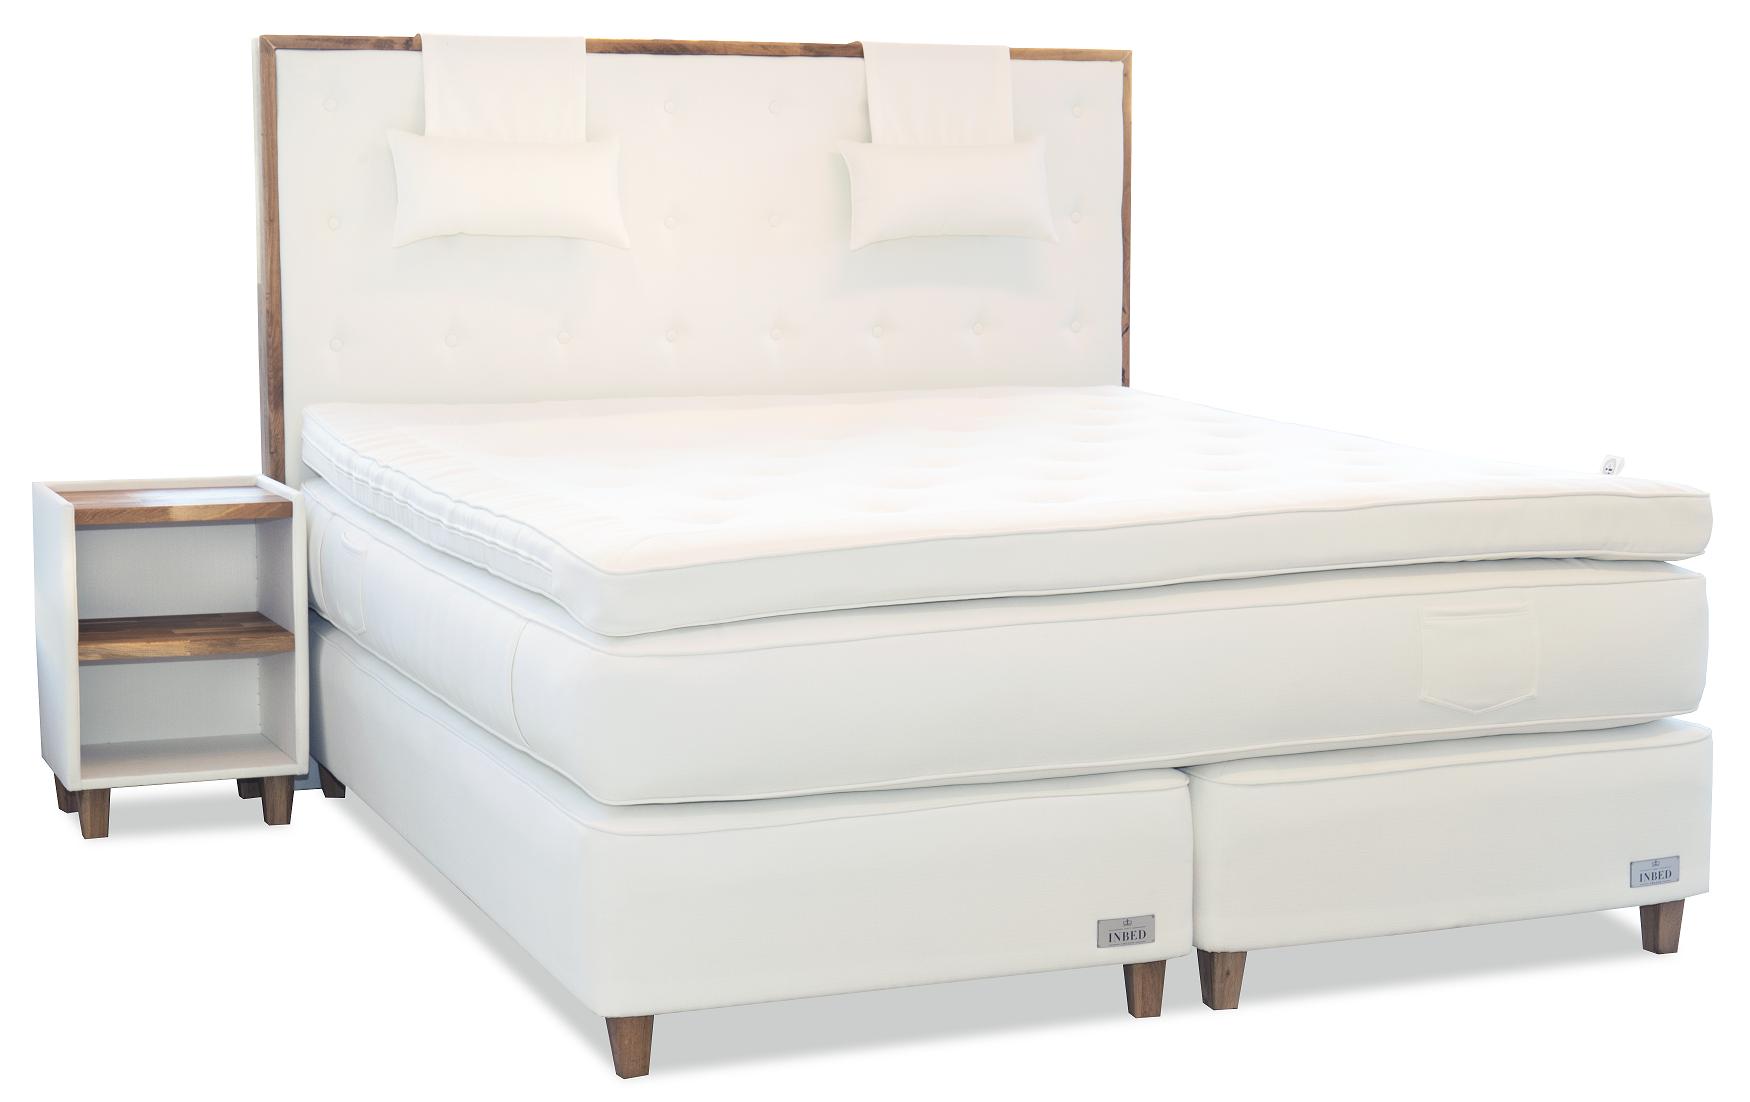 Sänggavlar 105 Cm : Inbed sänggavel ek från sweden hos confidentliving